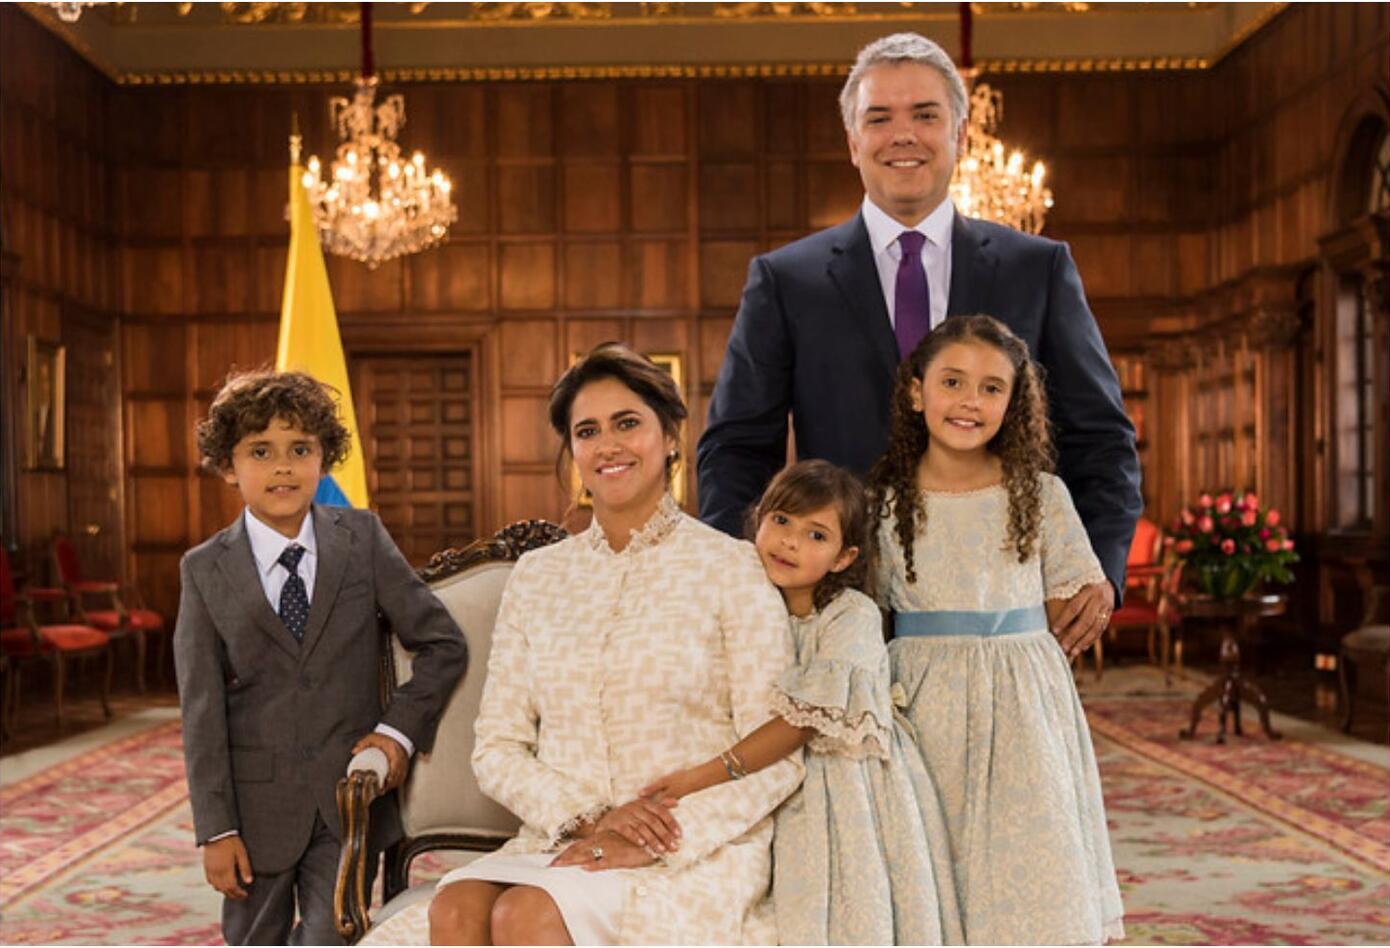 Duque, luego de seis meses de gobierno, decidió pasar la noche en la casa privada del Palacio Presidencial durante tres o cuatro veces a la semana.